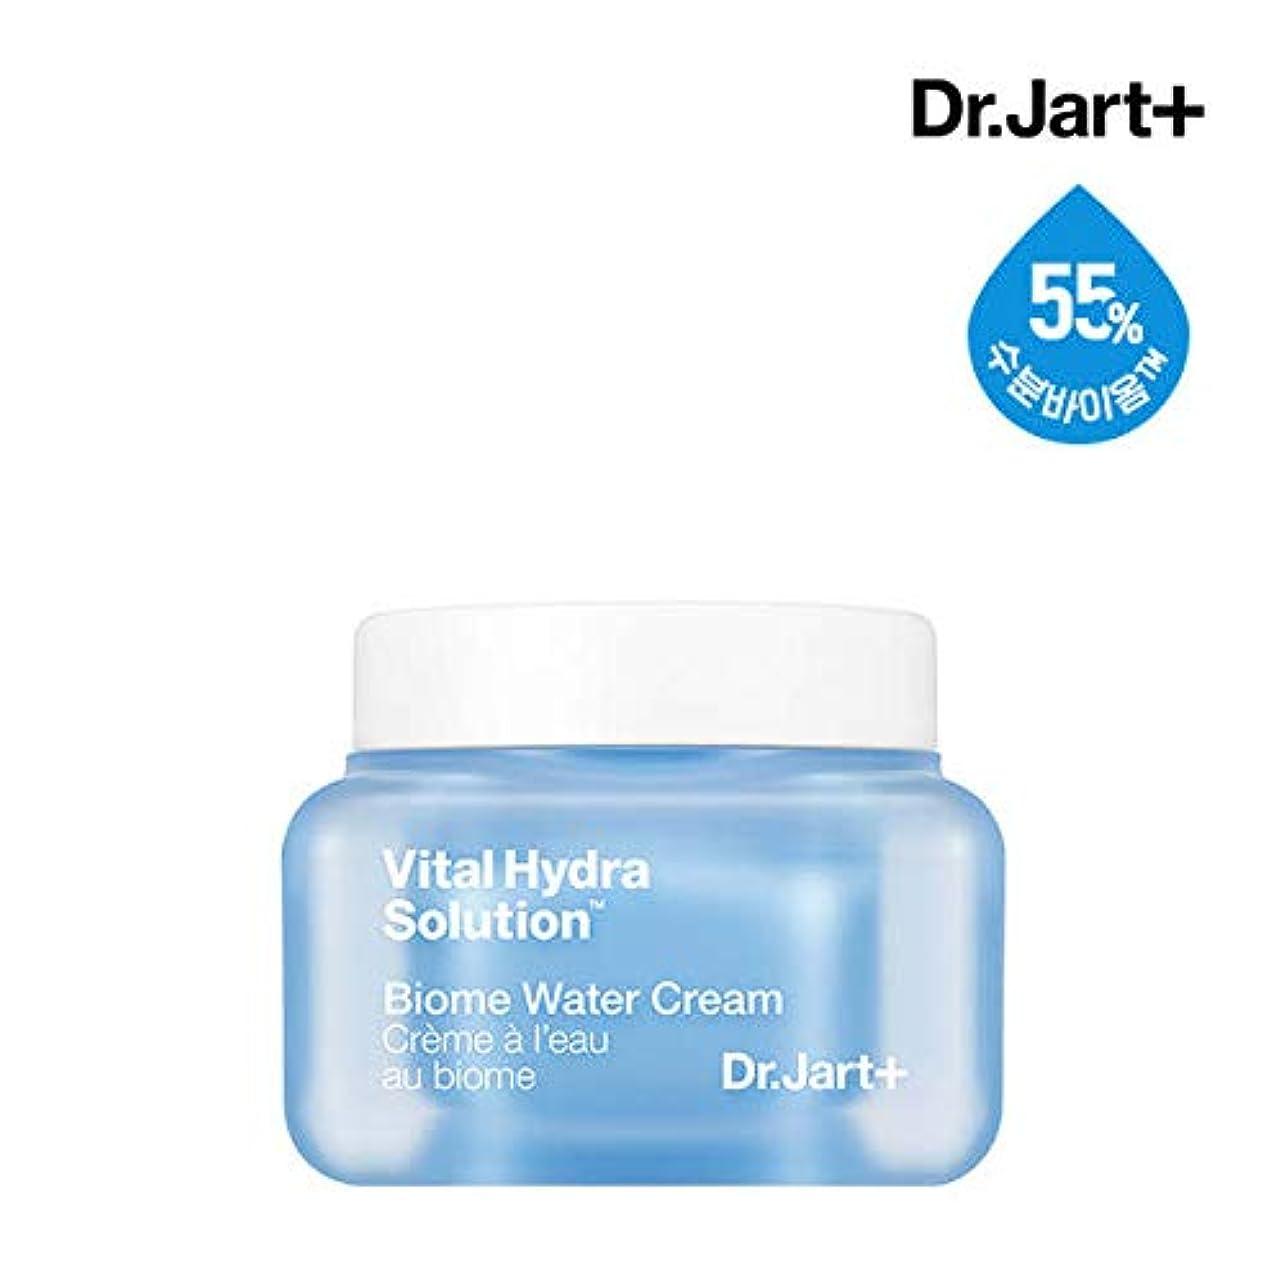 類似性カメ起点ドクタージャルトゥ[Dr.Jart+] バイタルハイドラソリューションバイオームウォータークリーム50ml (Vital Hydra Solution Biome Water Cream) /リフレッシュハイドレーション